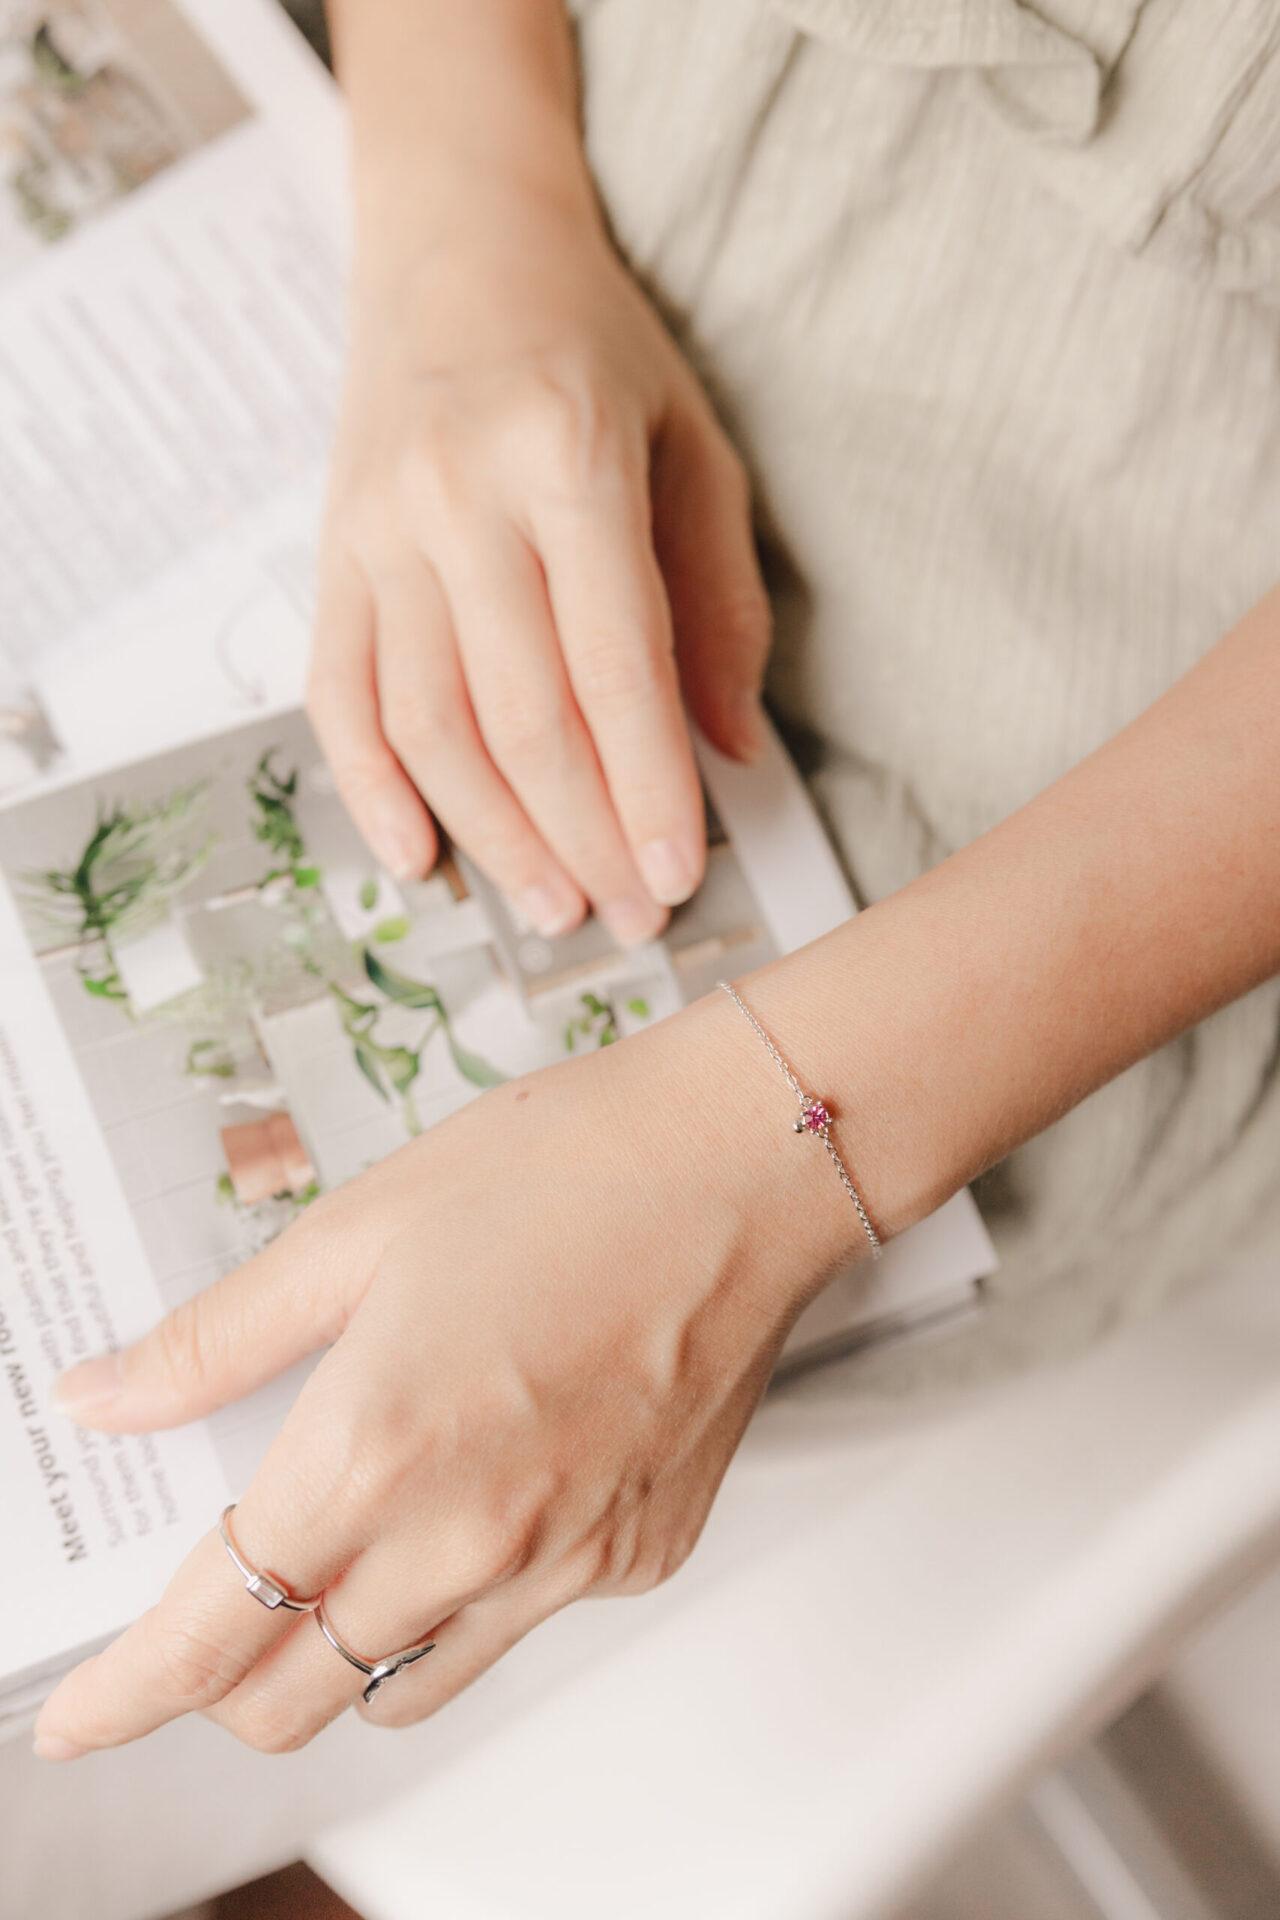 全ての女性に安心して使えるジュエリーを 敏感肌対応、環境に配慮したアクセサリー